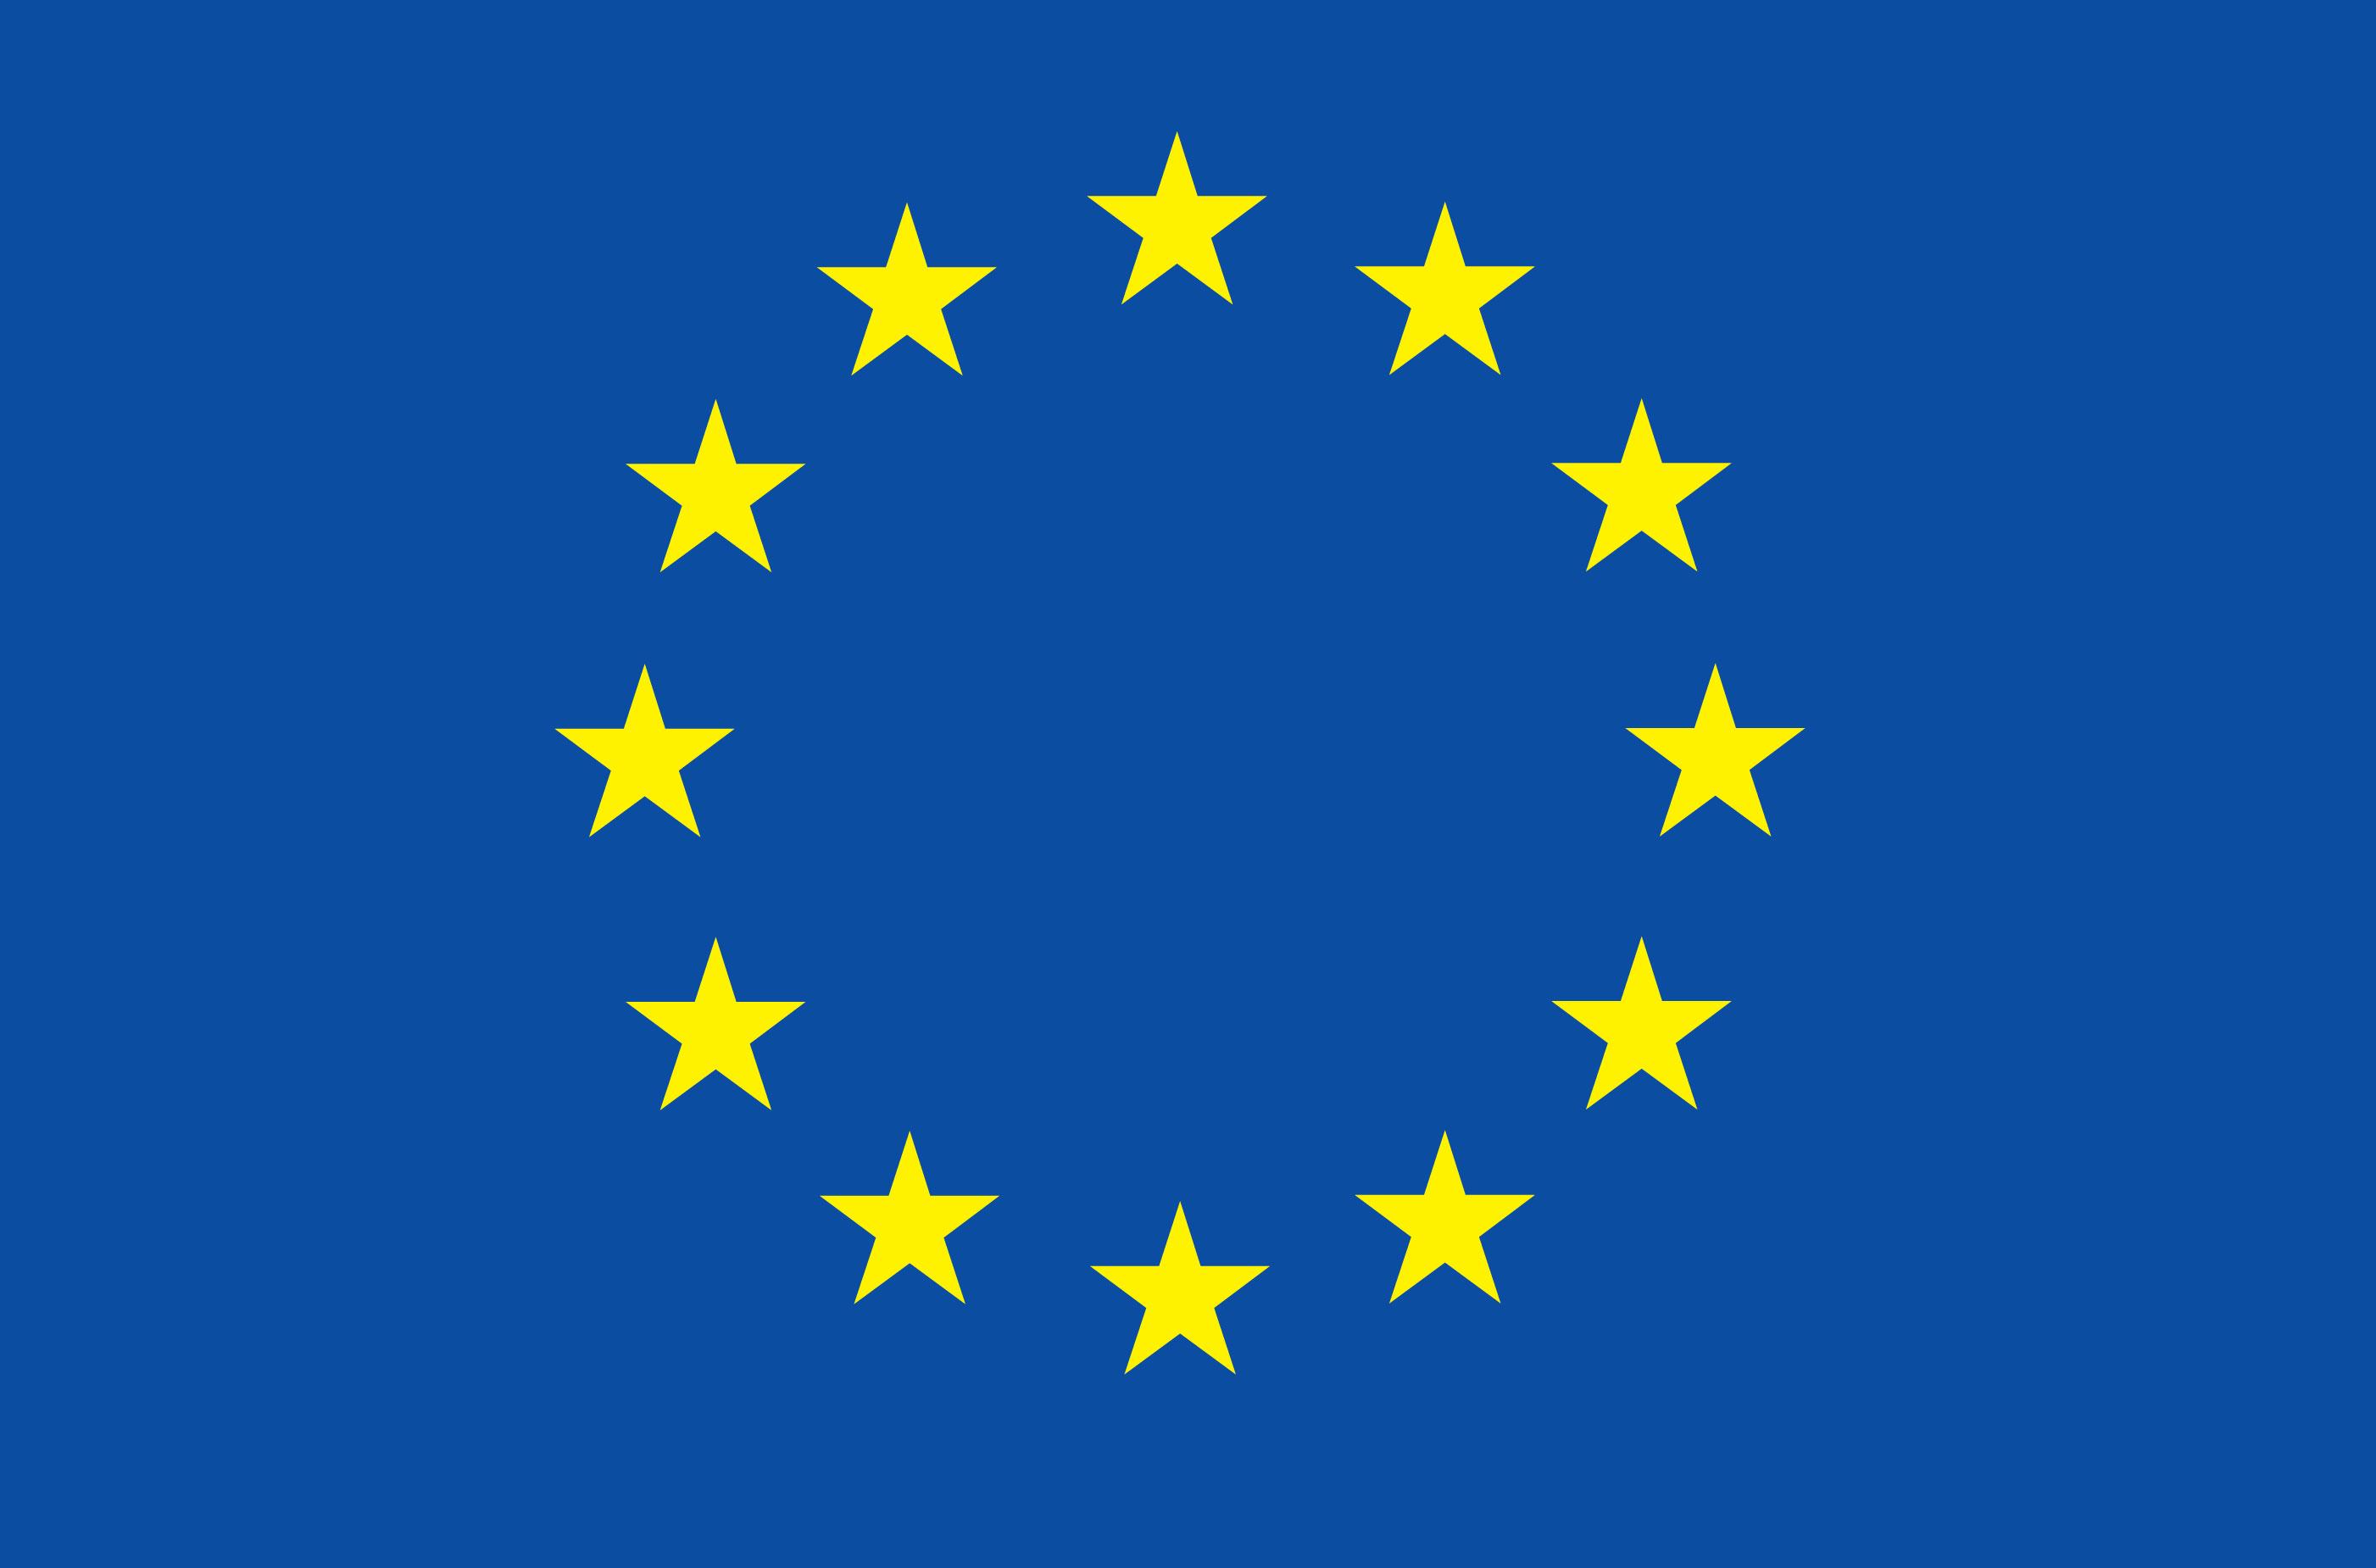 logo_EU.jpg